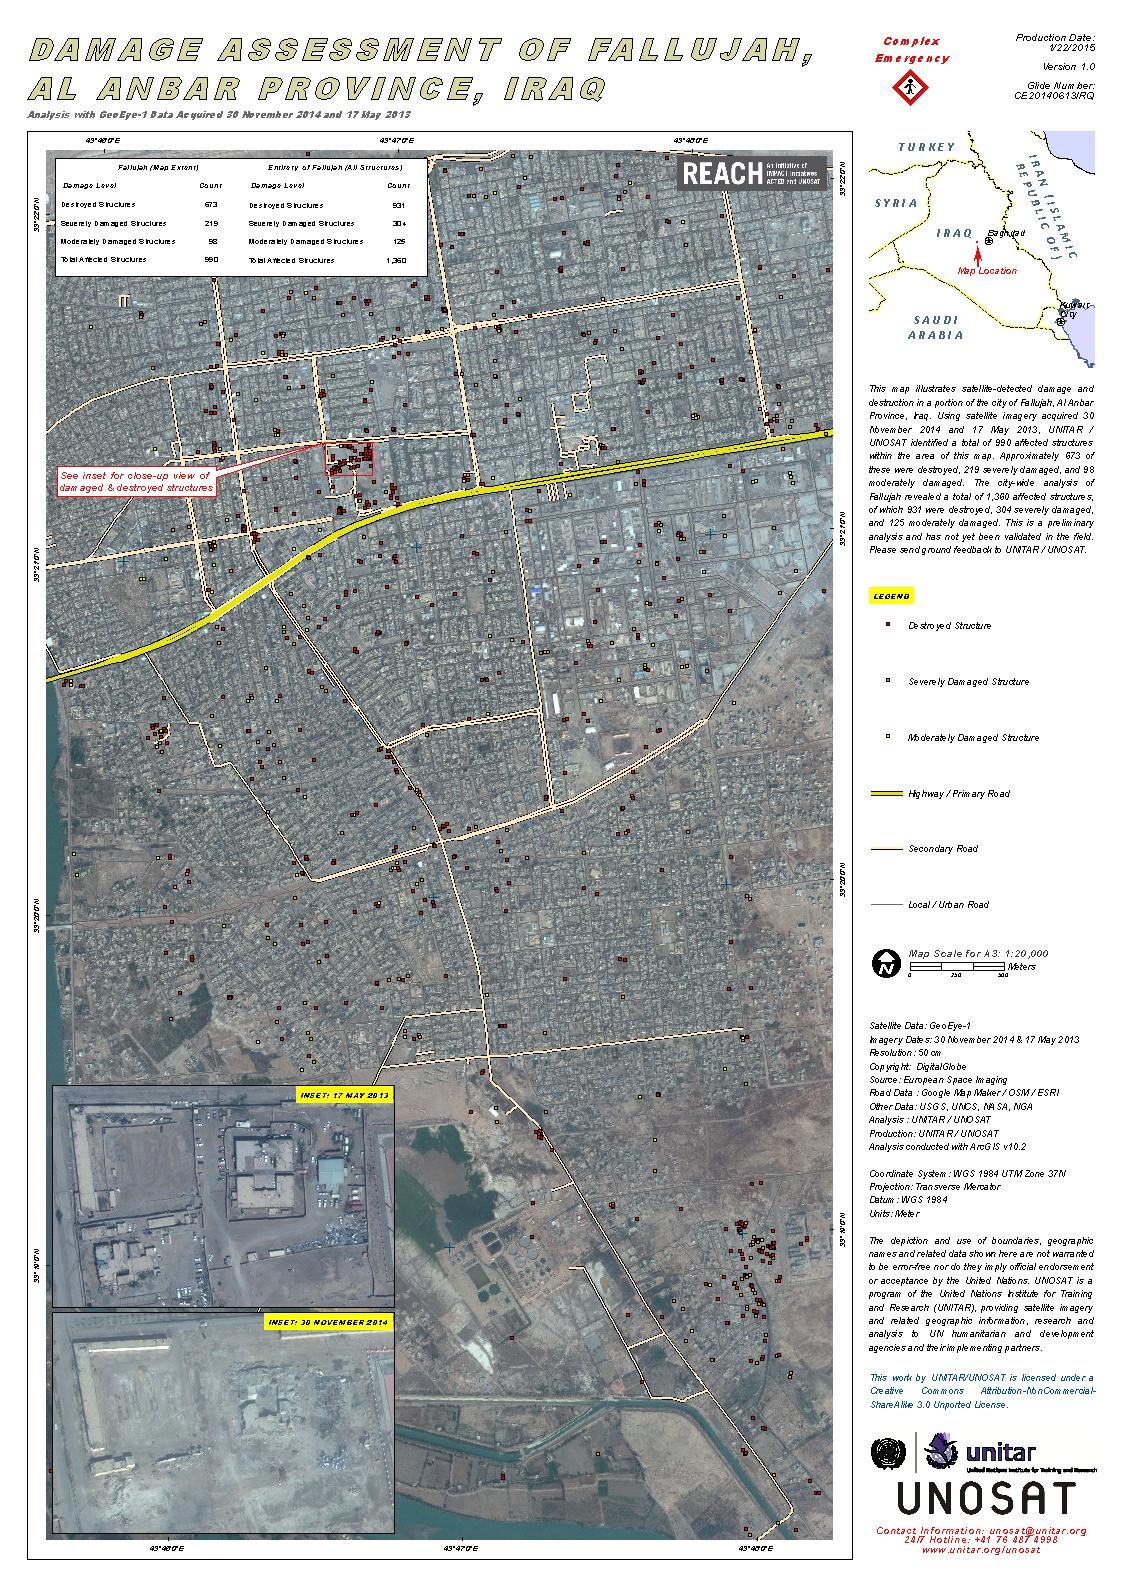 damage assessment of fallujah al anbar province iraq unitar